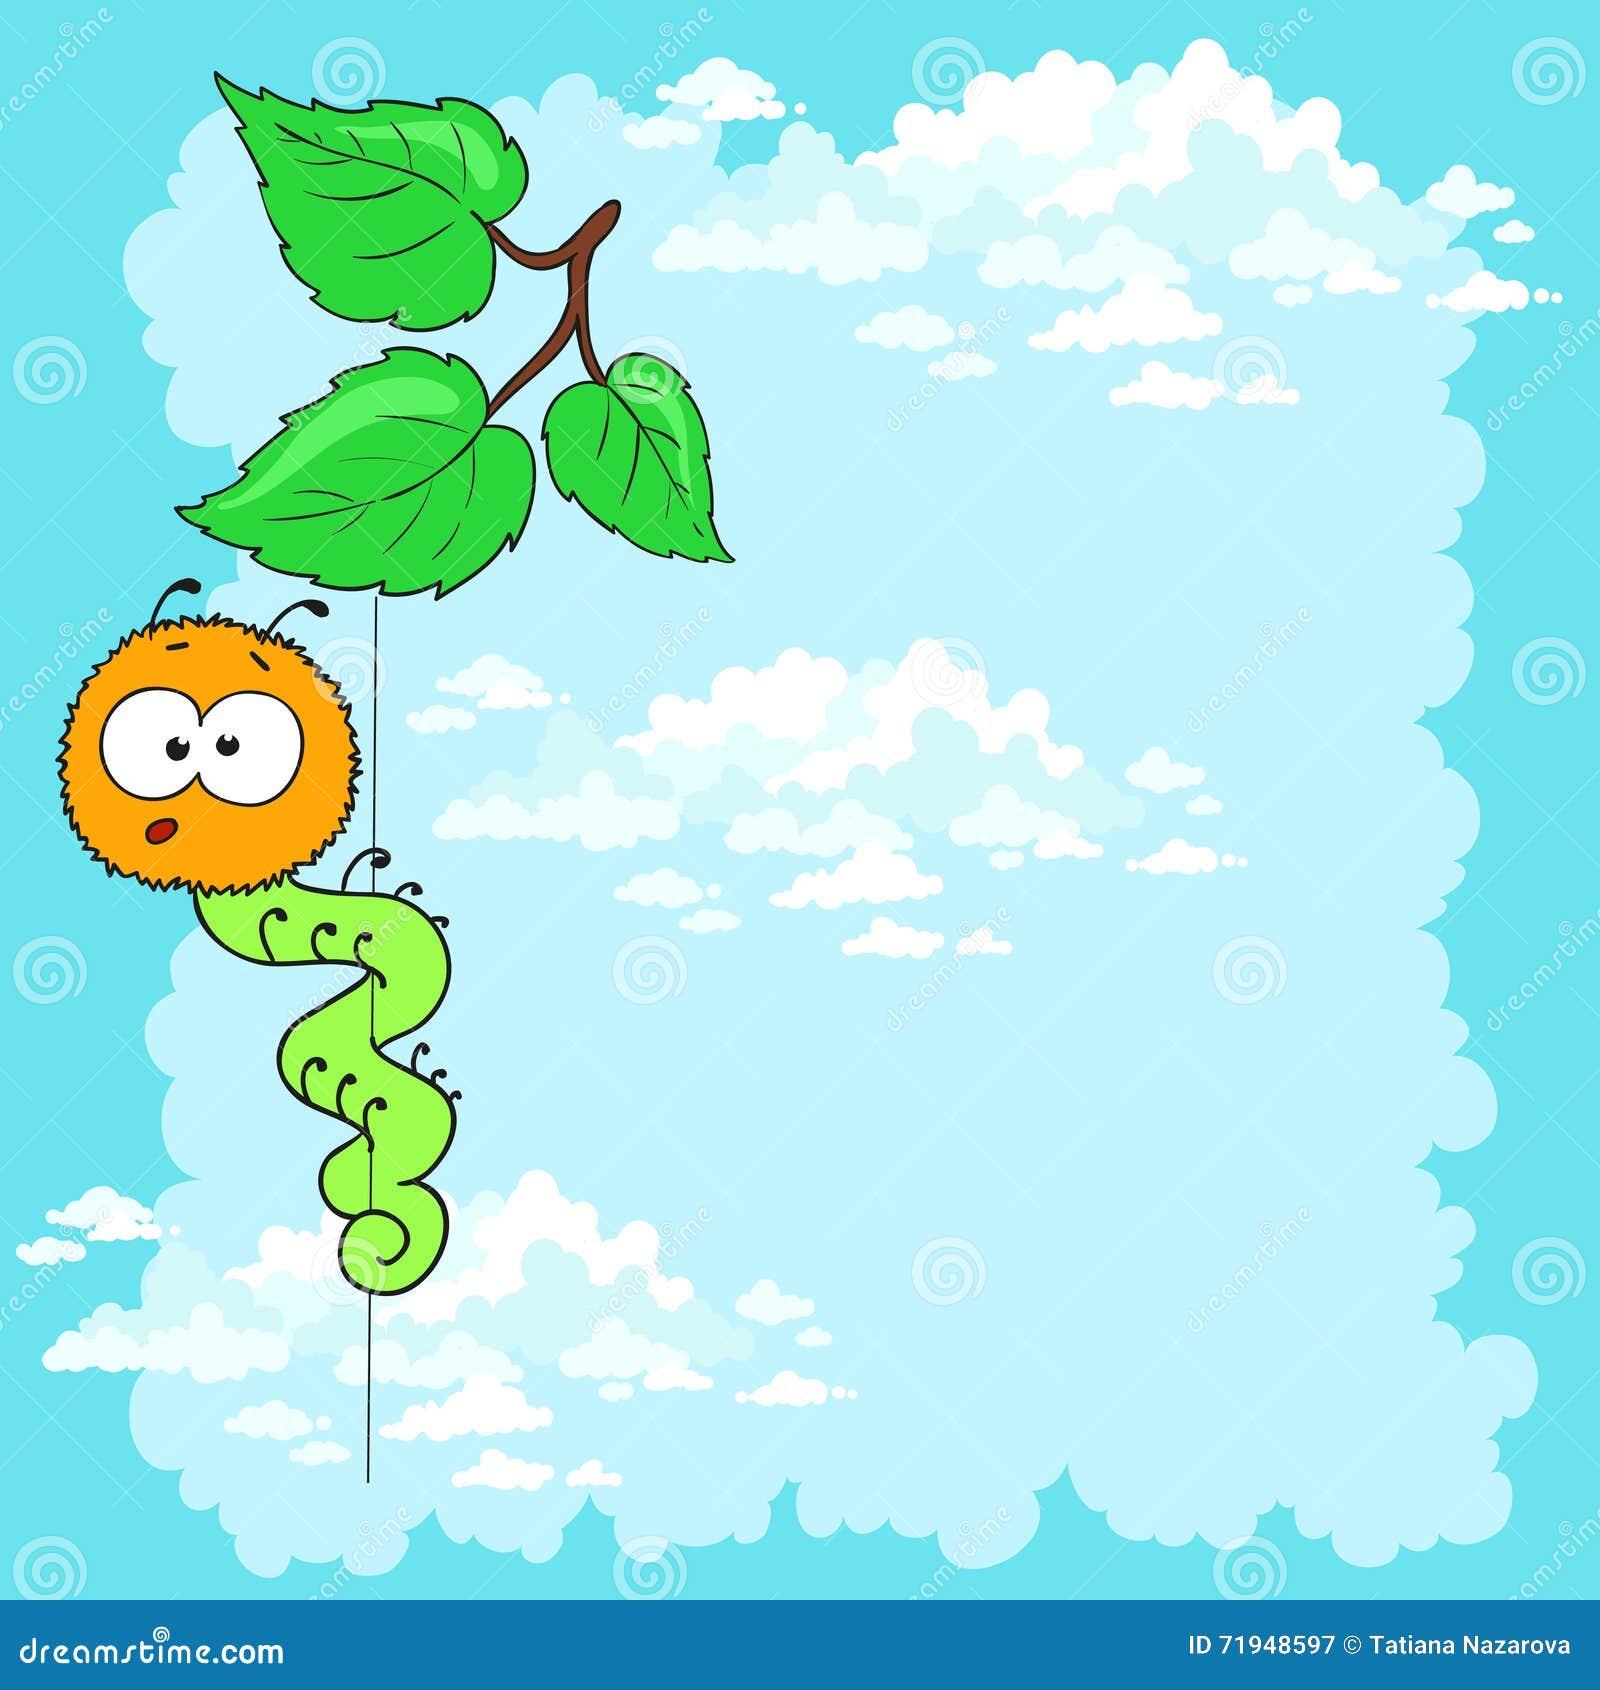 Гусеница на листьях, облачное небо шаржа открытка